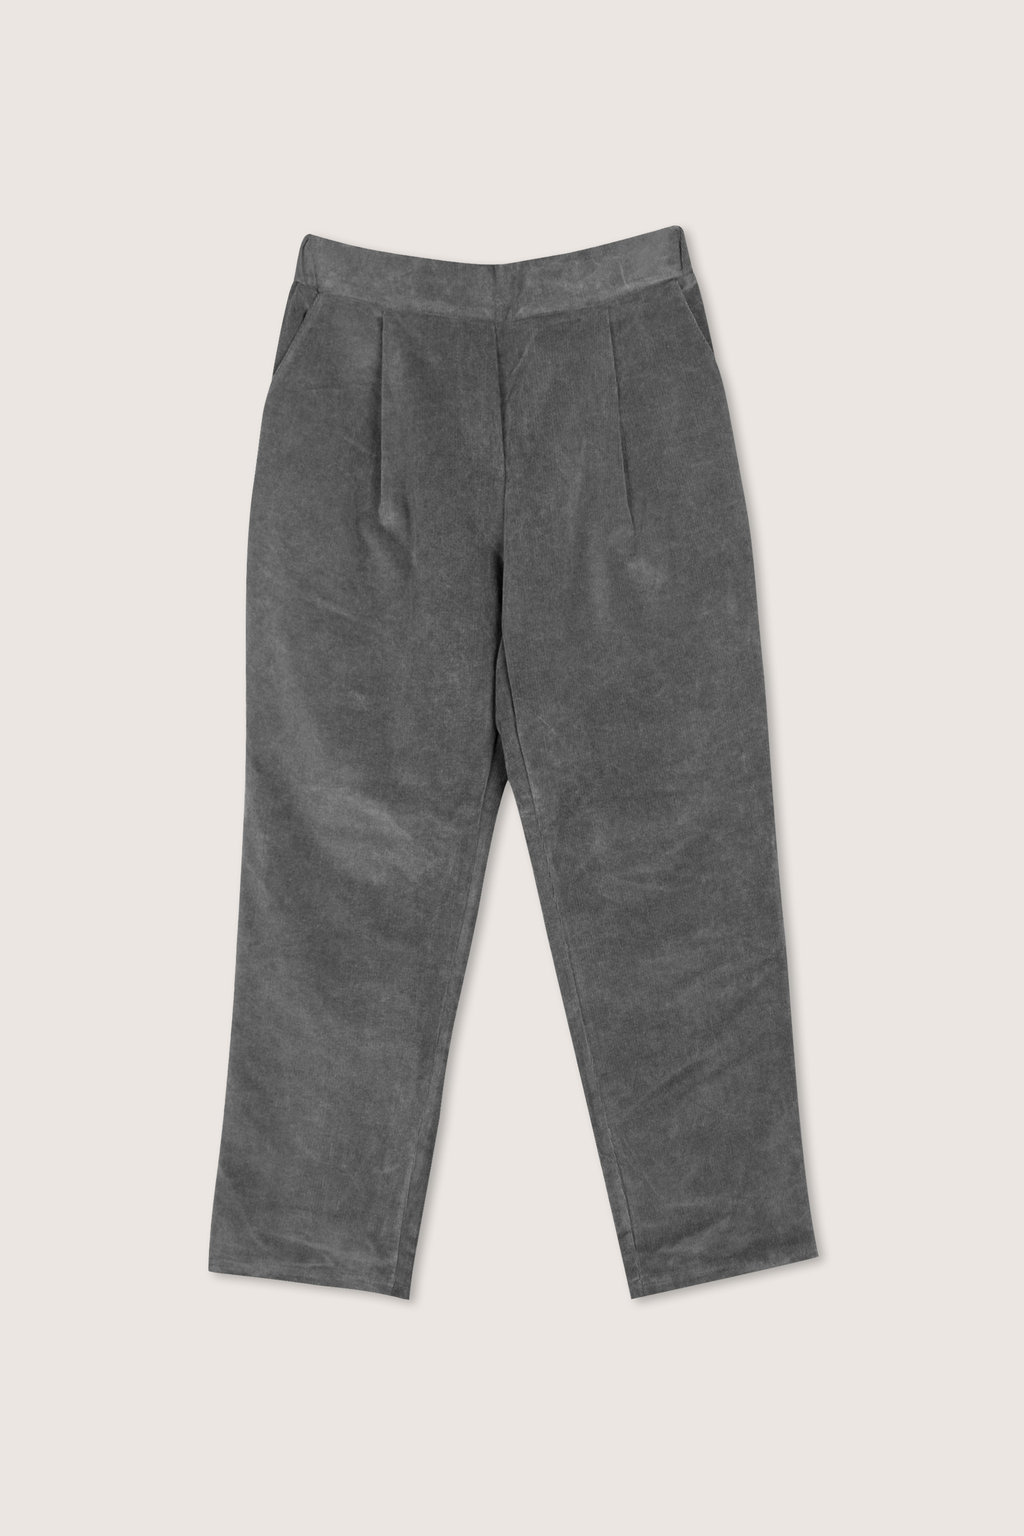 Pant H360 Gray 5